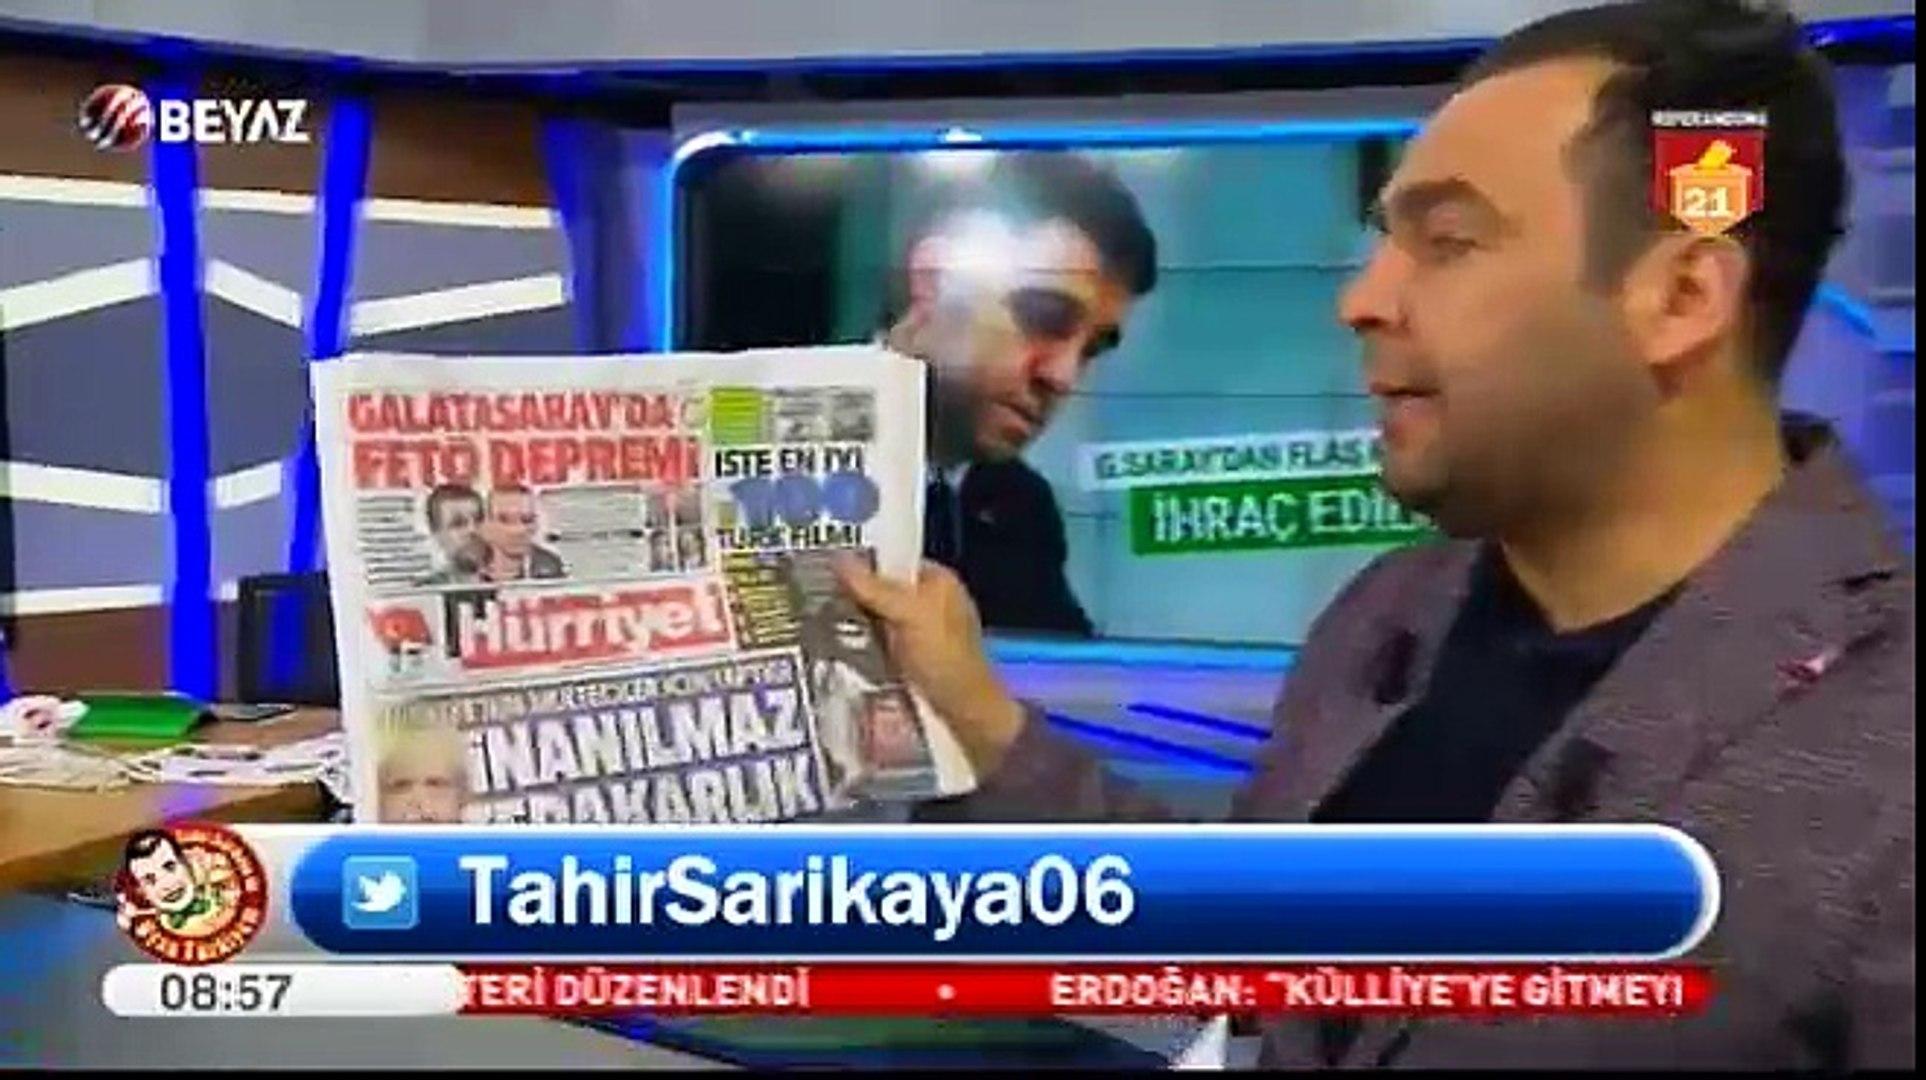 Tahir Sarıkaya, Galatasaray'a 'FETÖSARAY' dedi